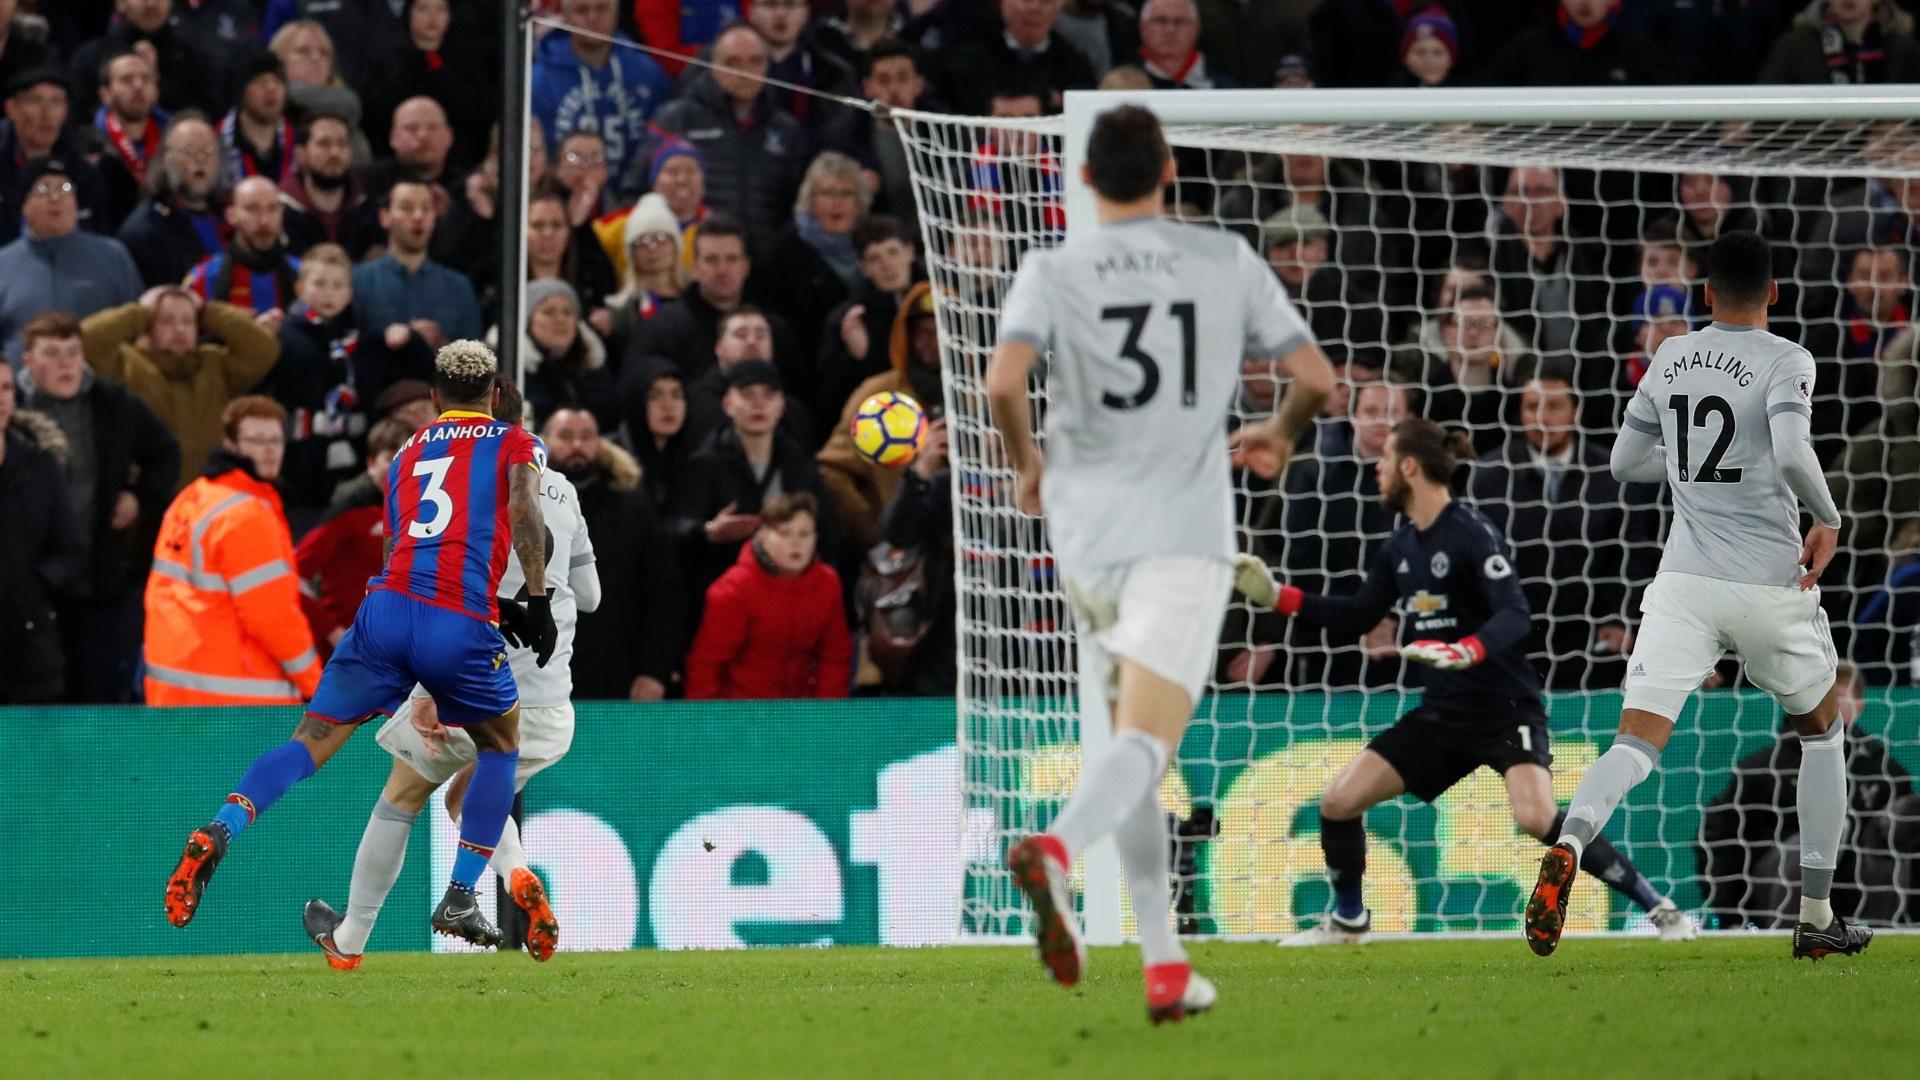 Momento do segundo gol do Crystal Palace, marcado por Van Aanholt